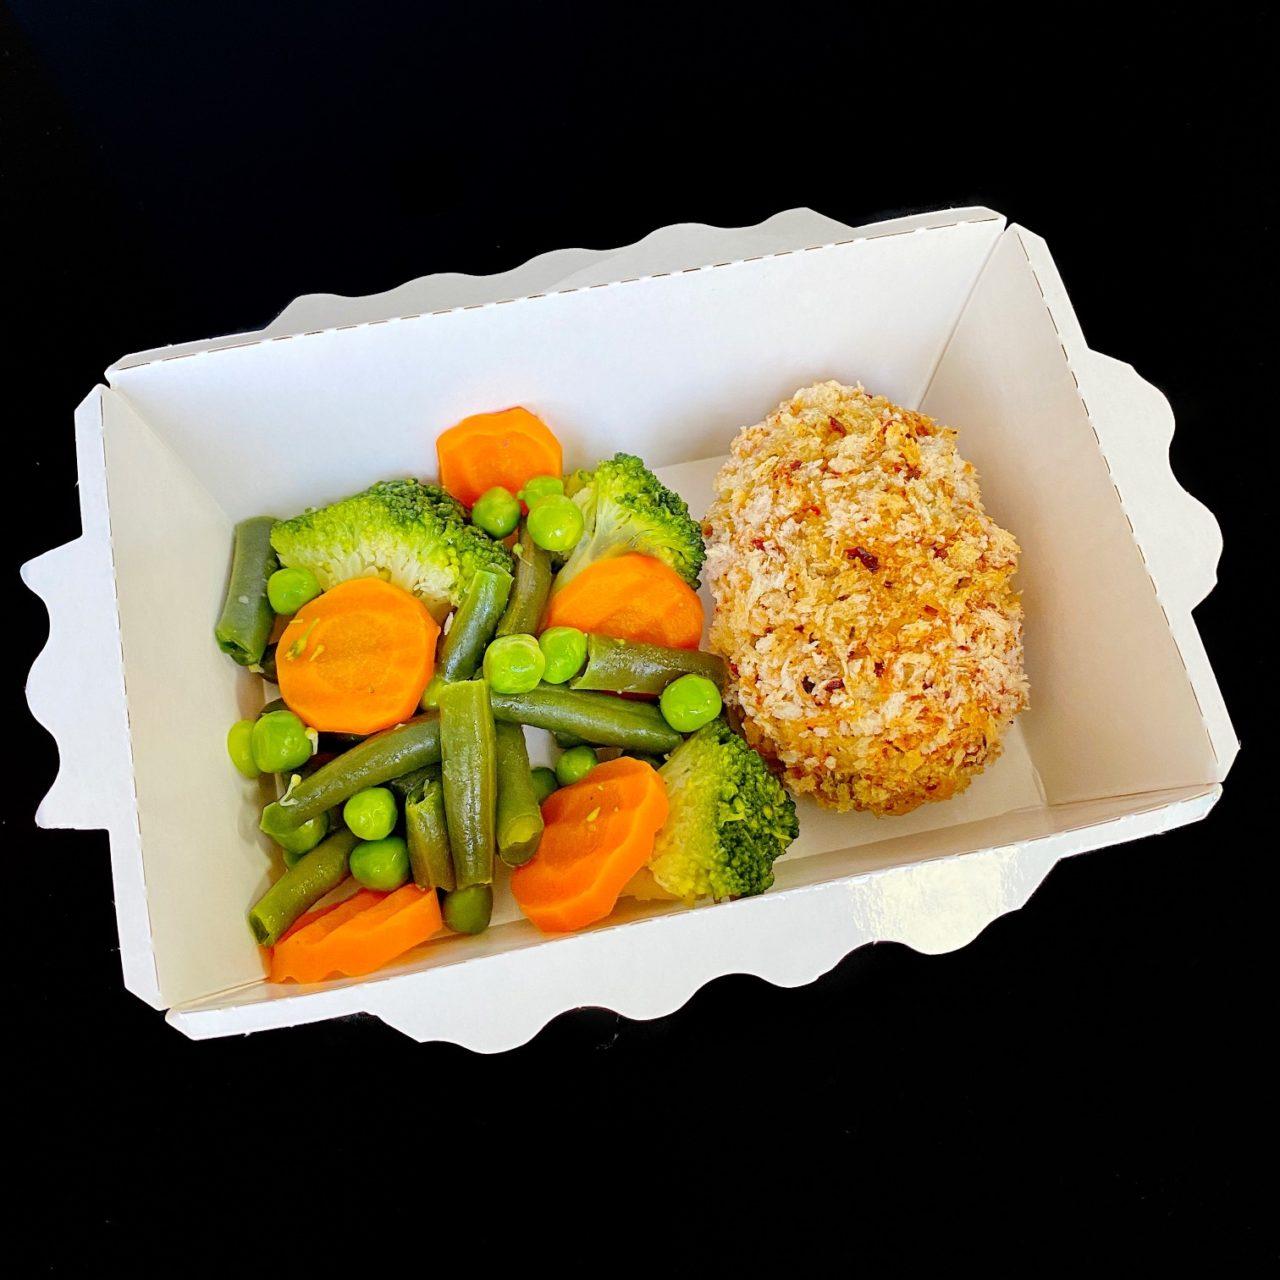 Кромески из курицы с оливками, вяленым томатом и овощи на пару